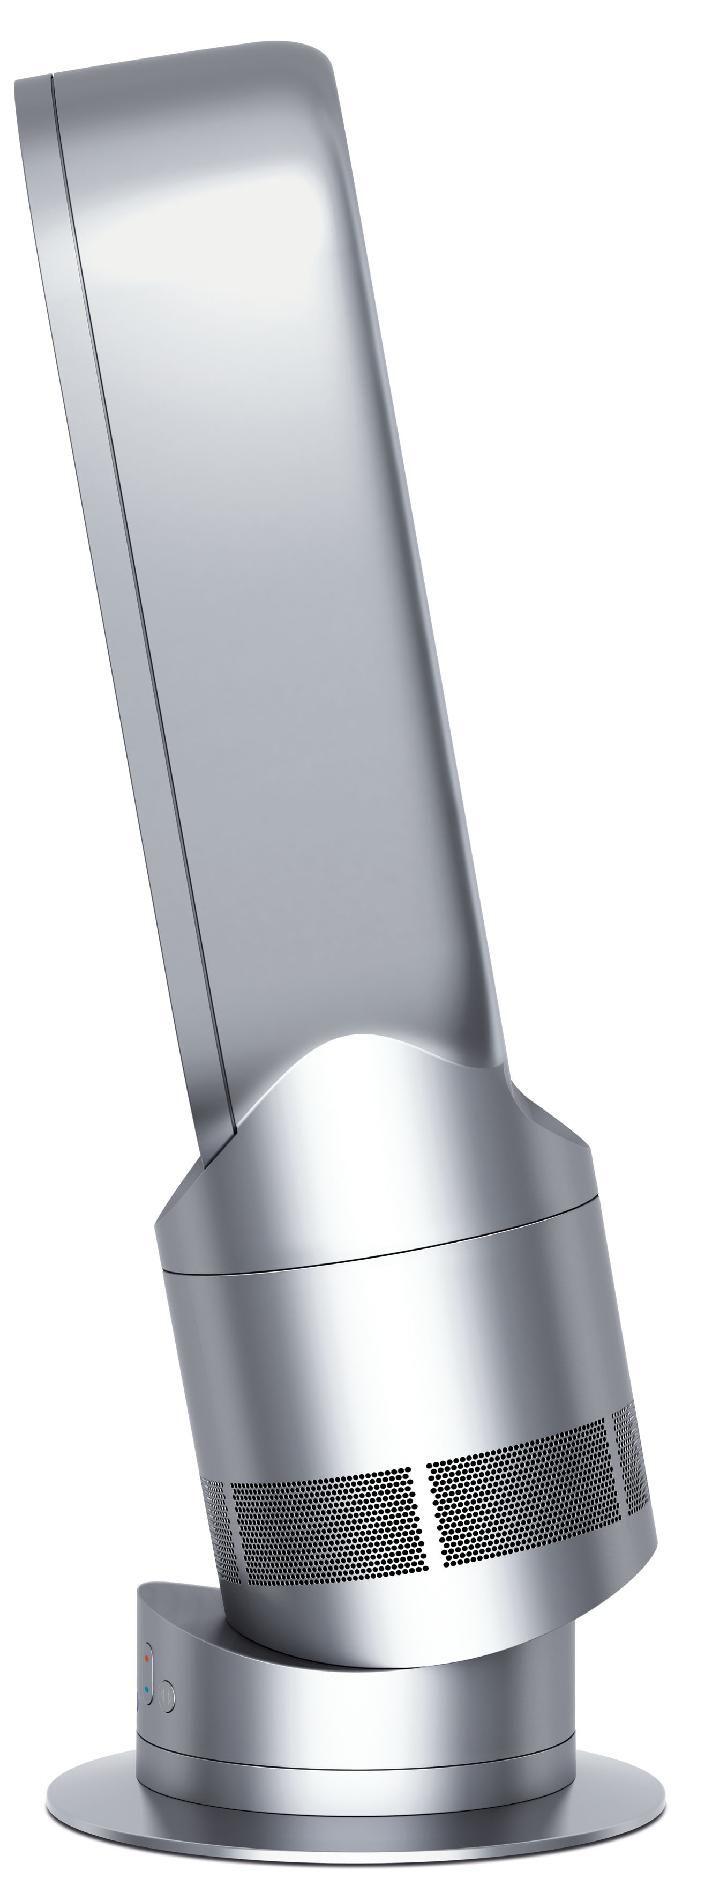 Dyson AM04 Hot+Cool Fan Heater